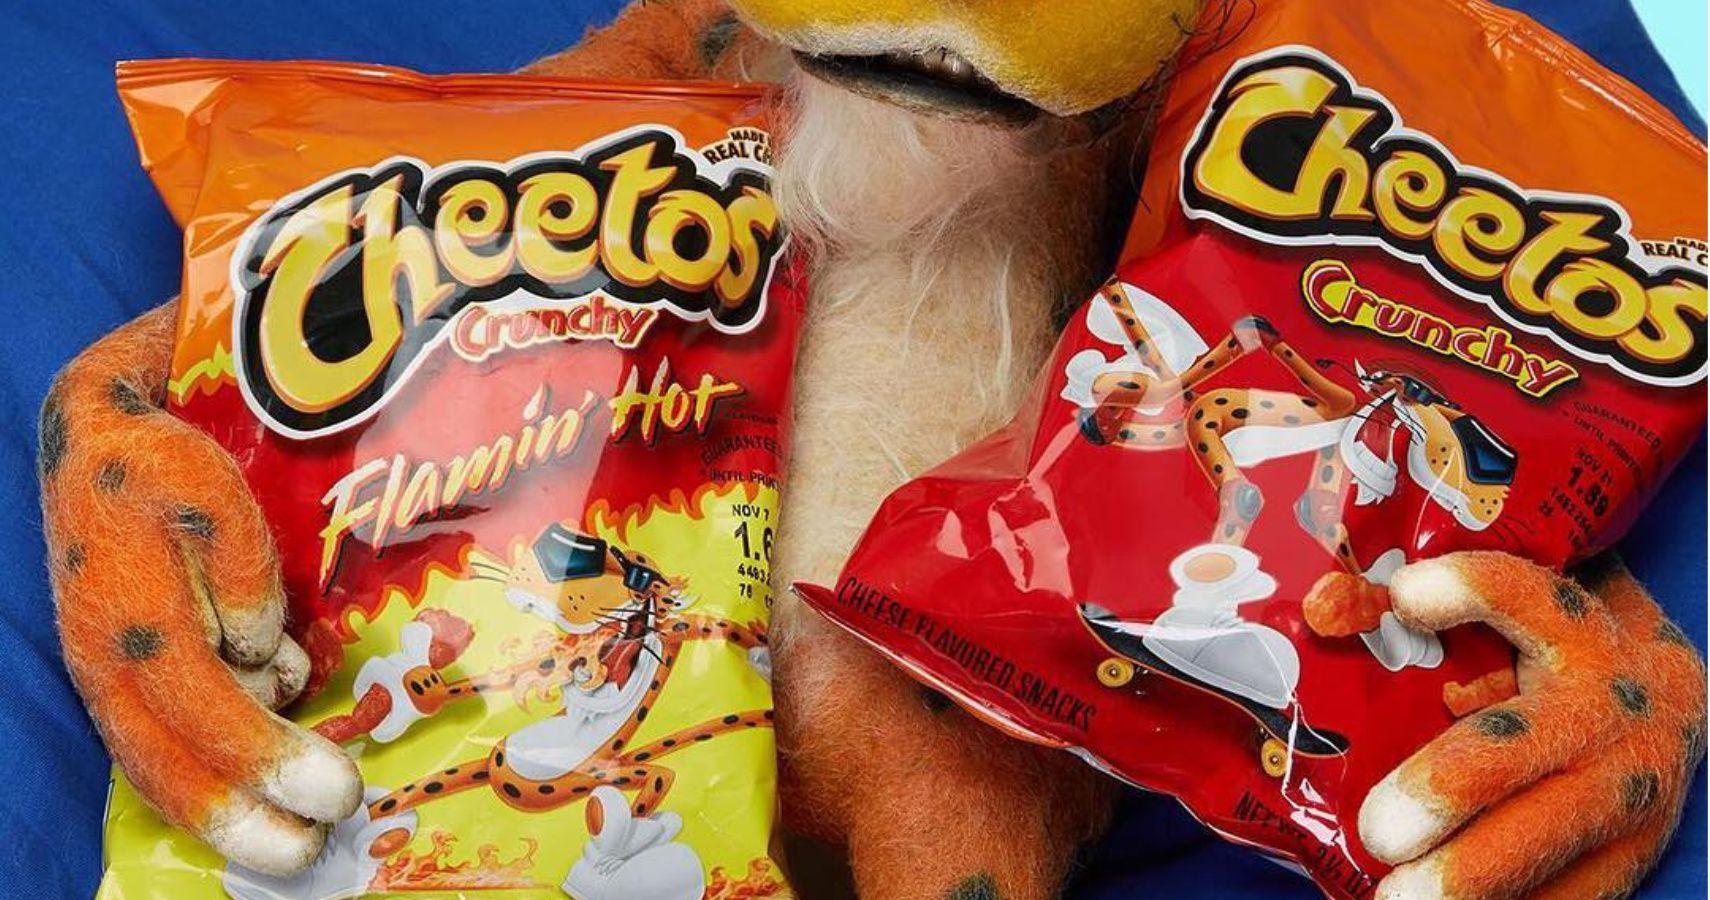 Spicy Foods For Kids Not Safe, Doctor Warns | Moms.com